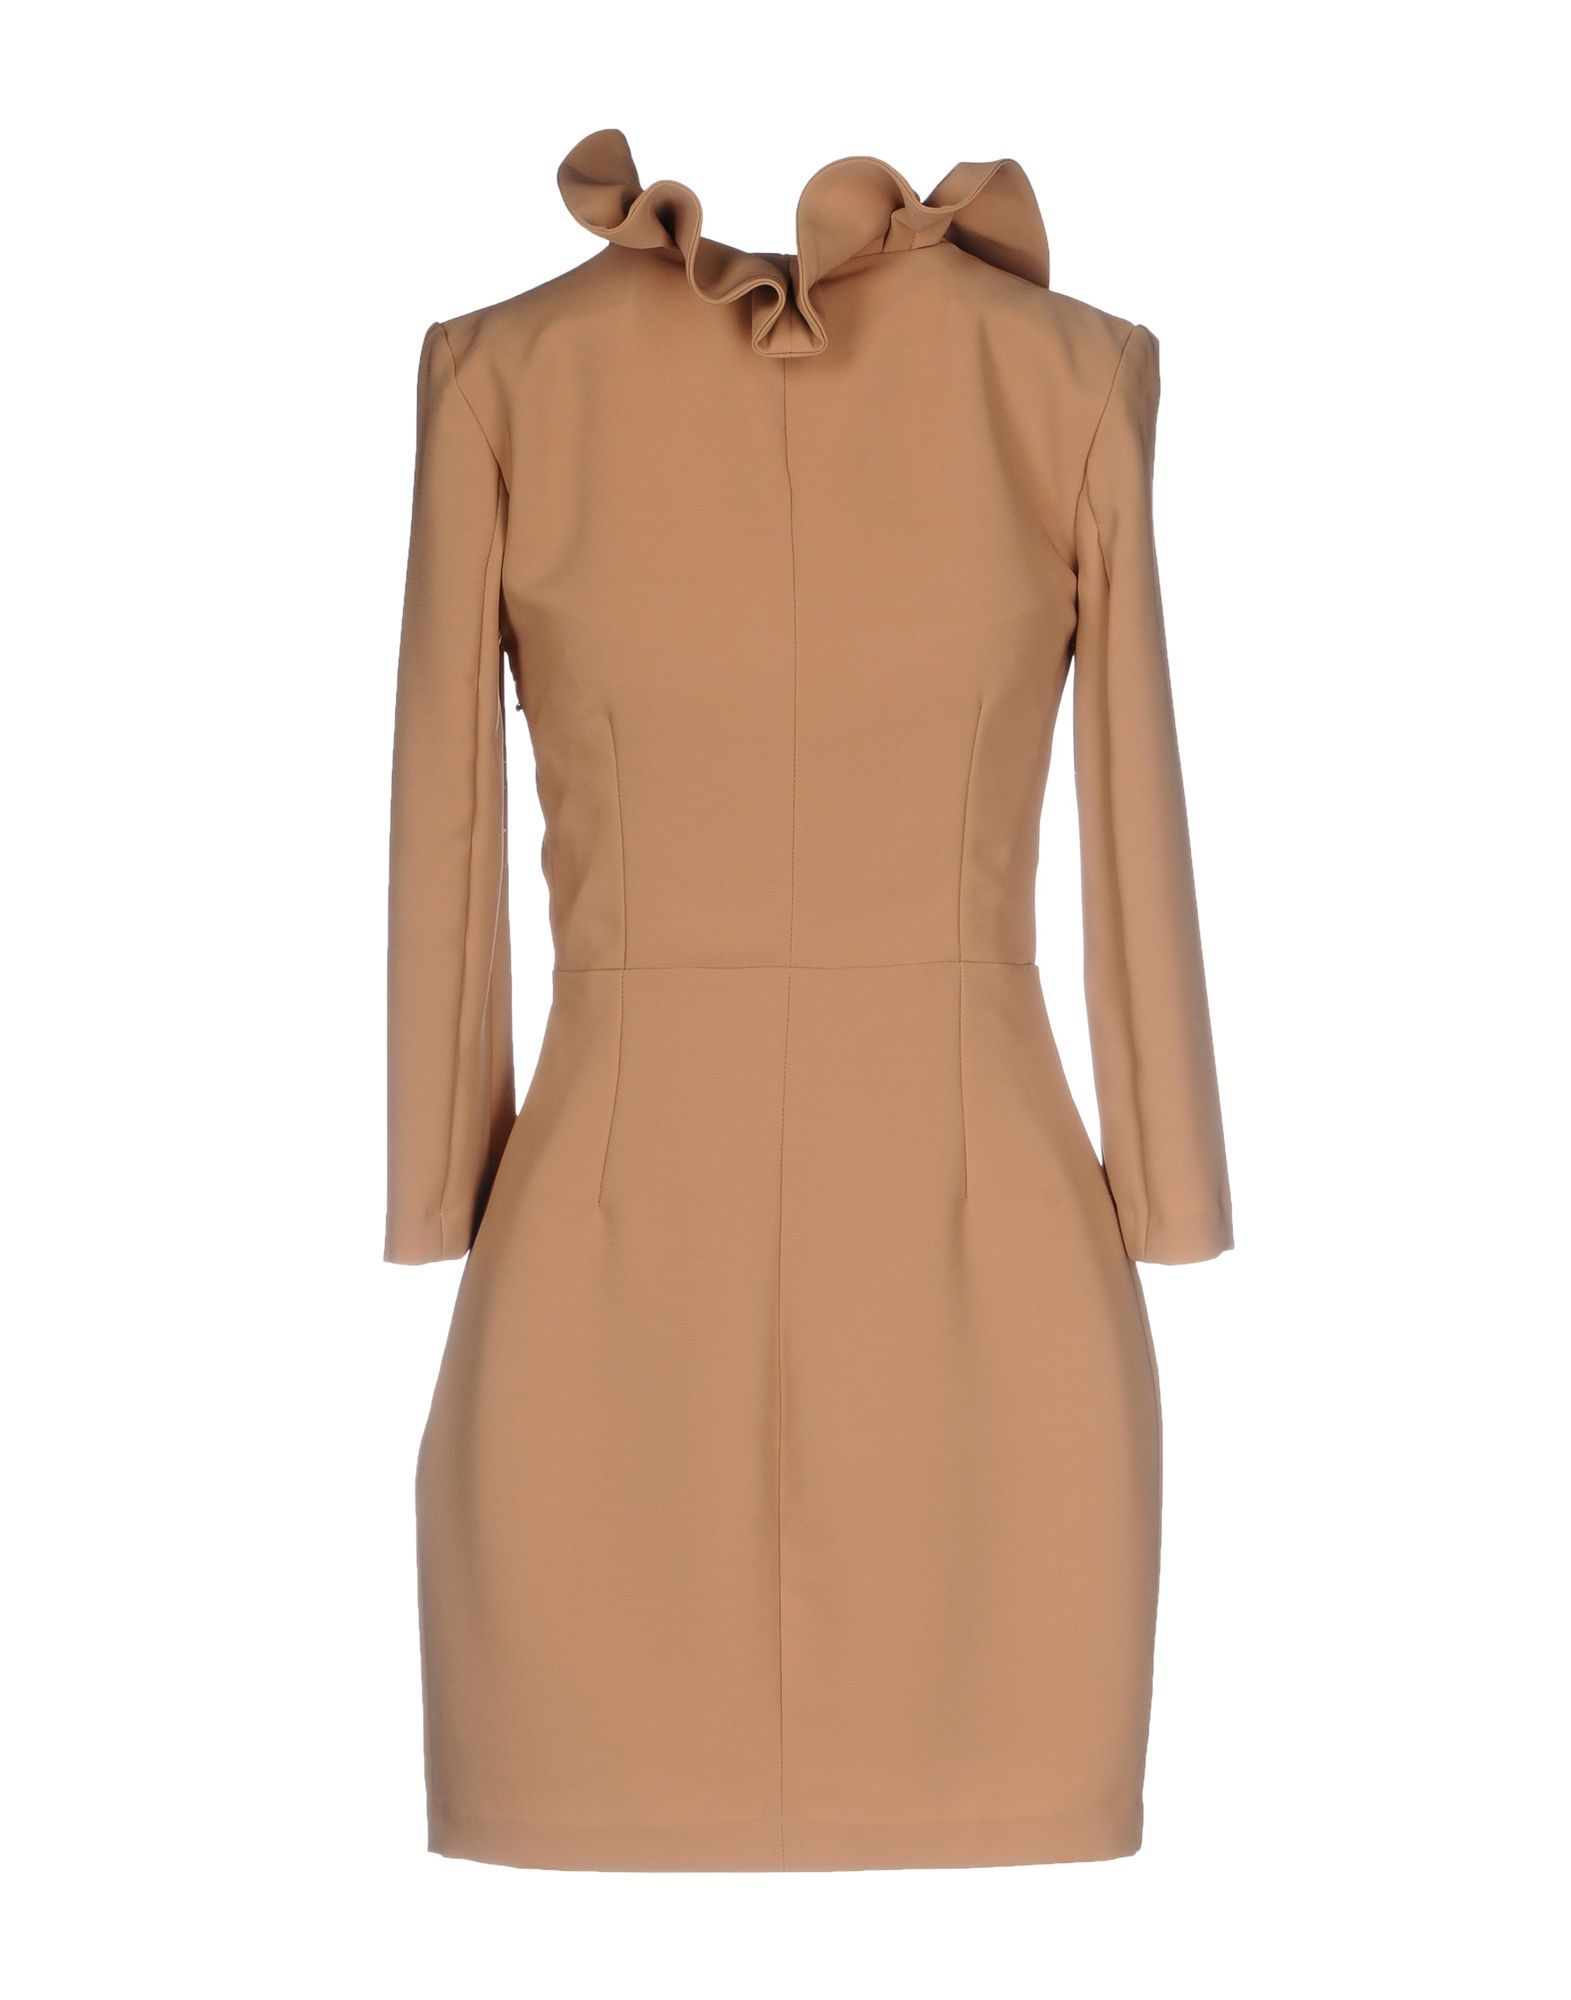 Dress Betty Blue Camel Women's Polyester